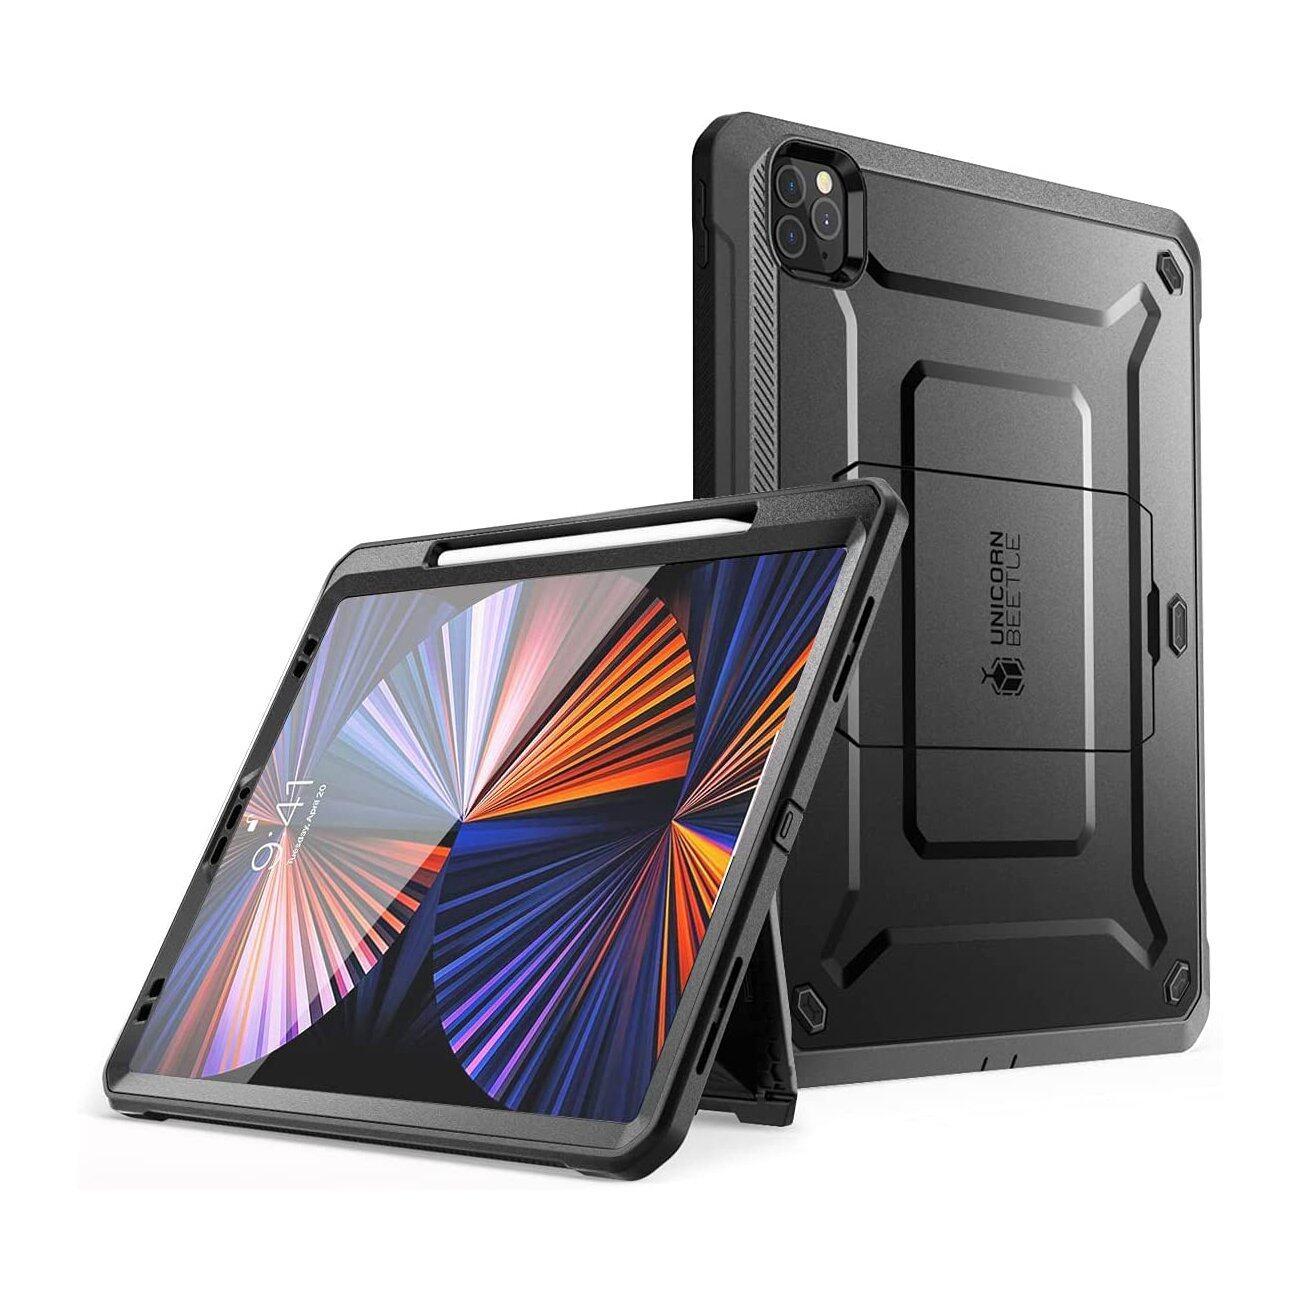 Original SUPCASE iPad Pro 11 / 12.9 Inch (2021 / 2020) Unicorn Beetle Pro Rugged Case - Black